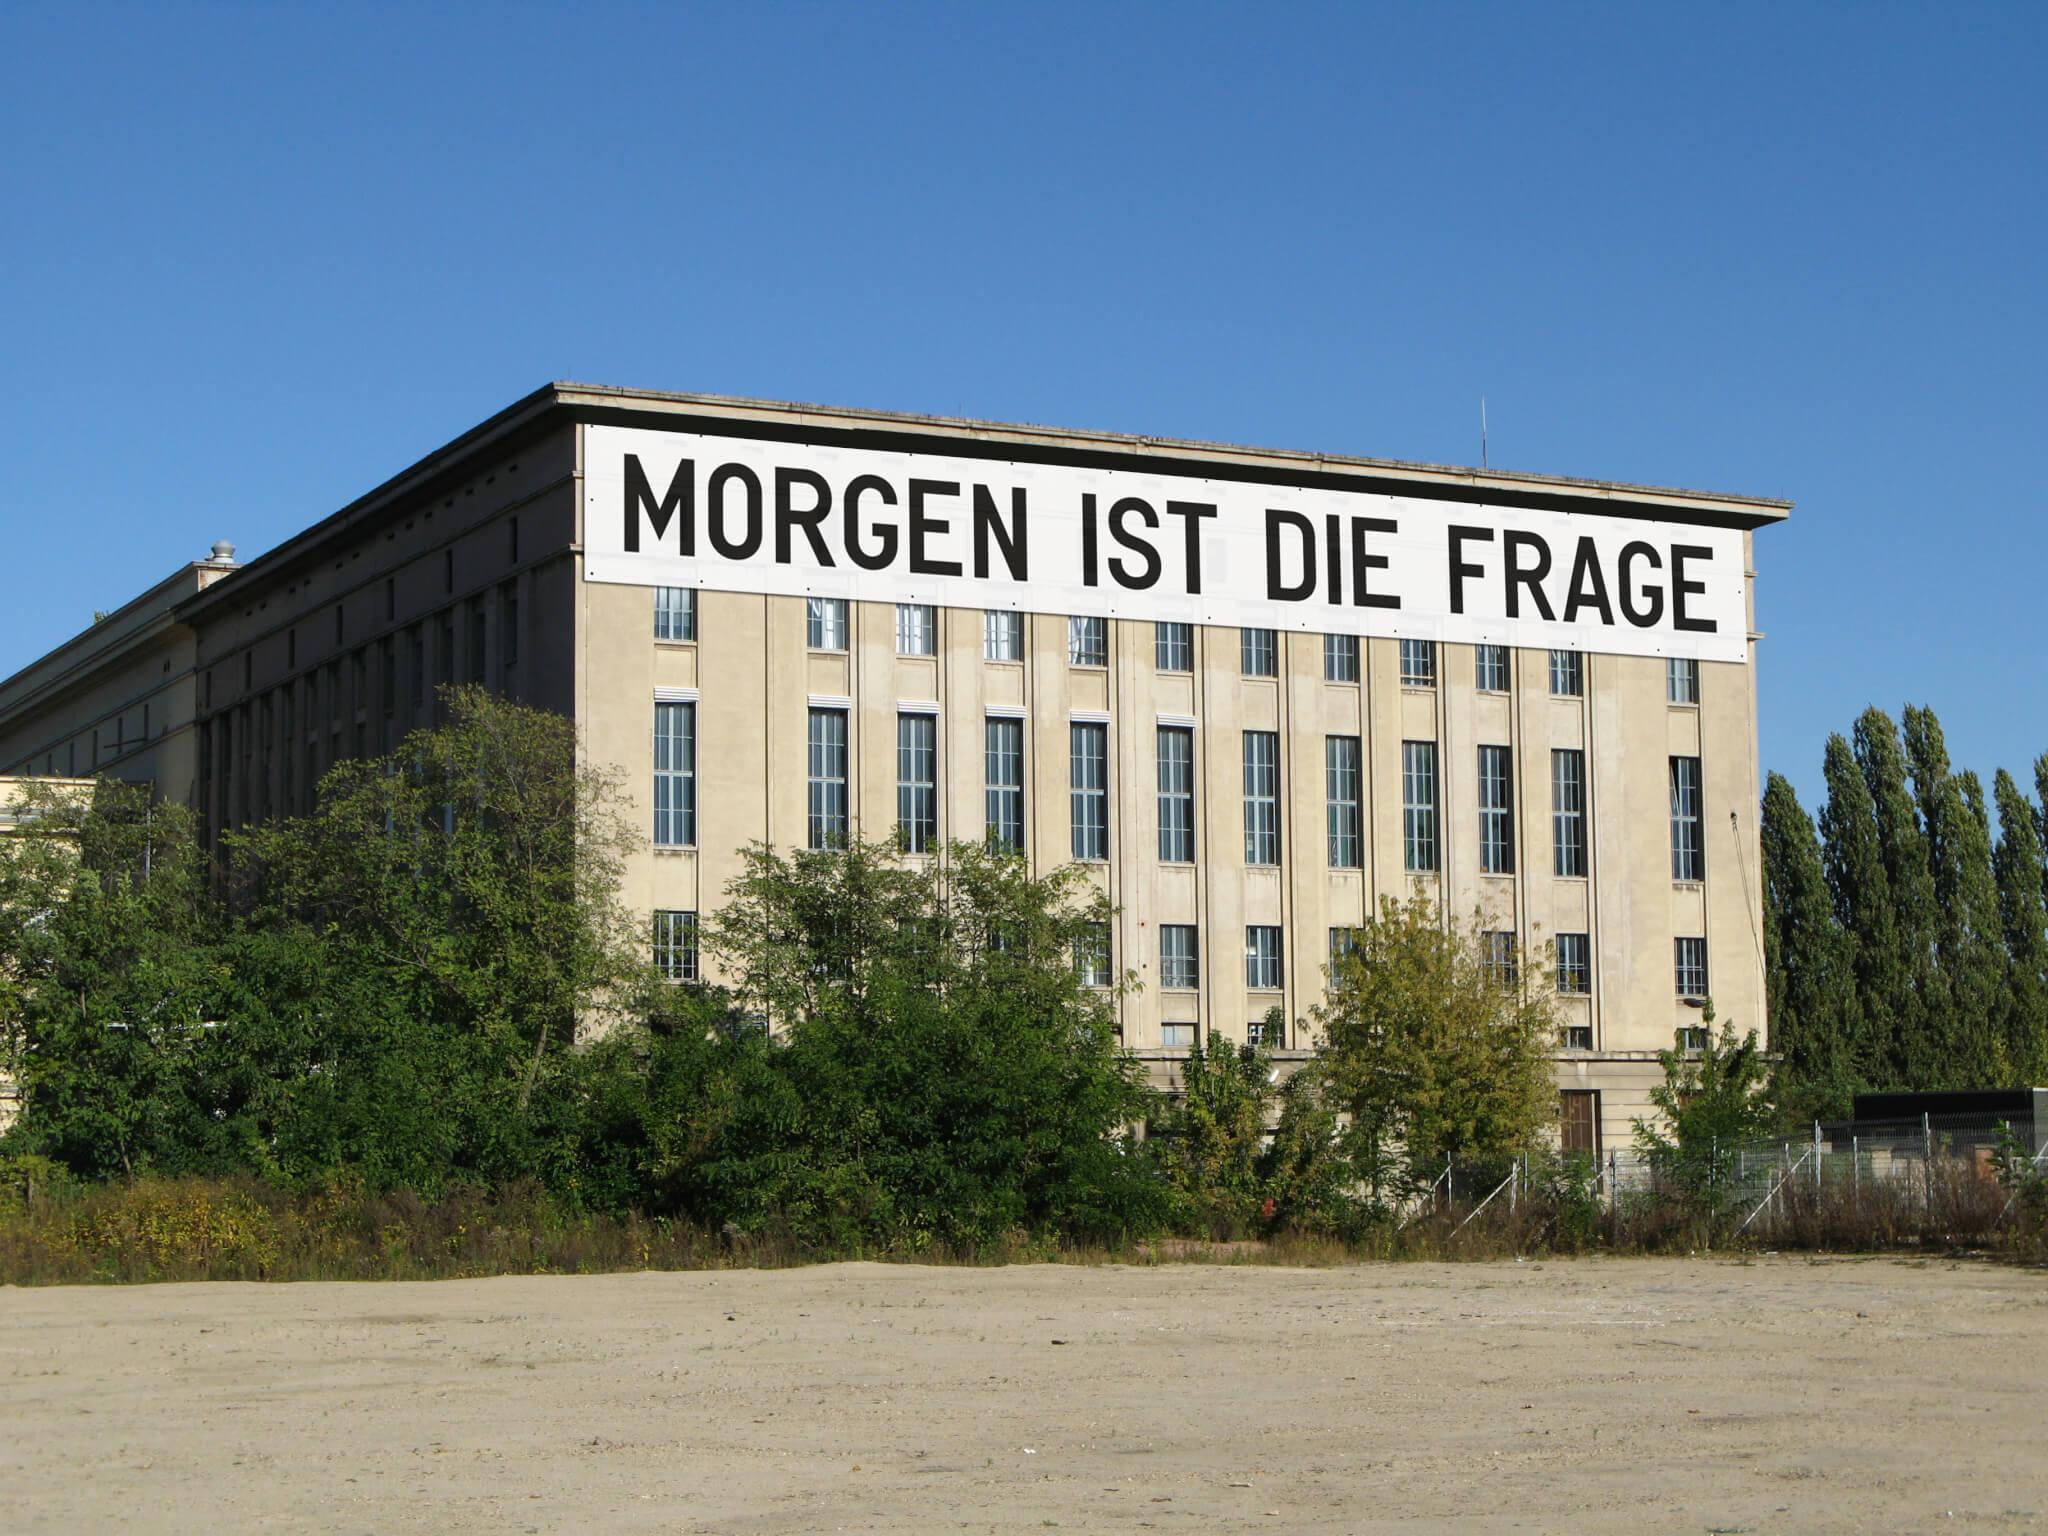 Boros Foundation kunstudstilling i Berghain